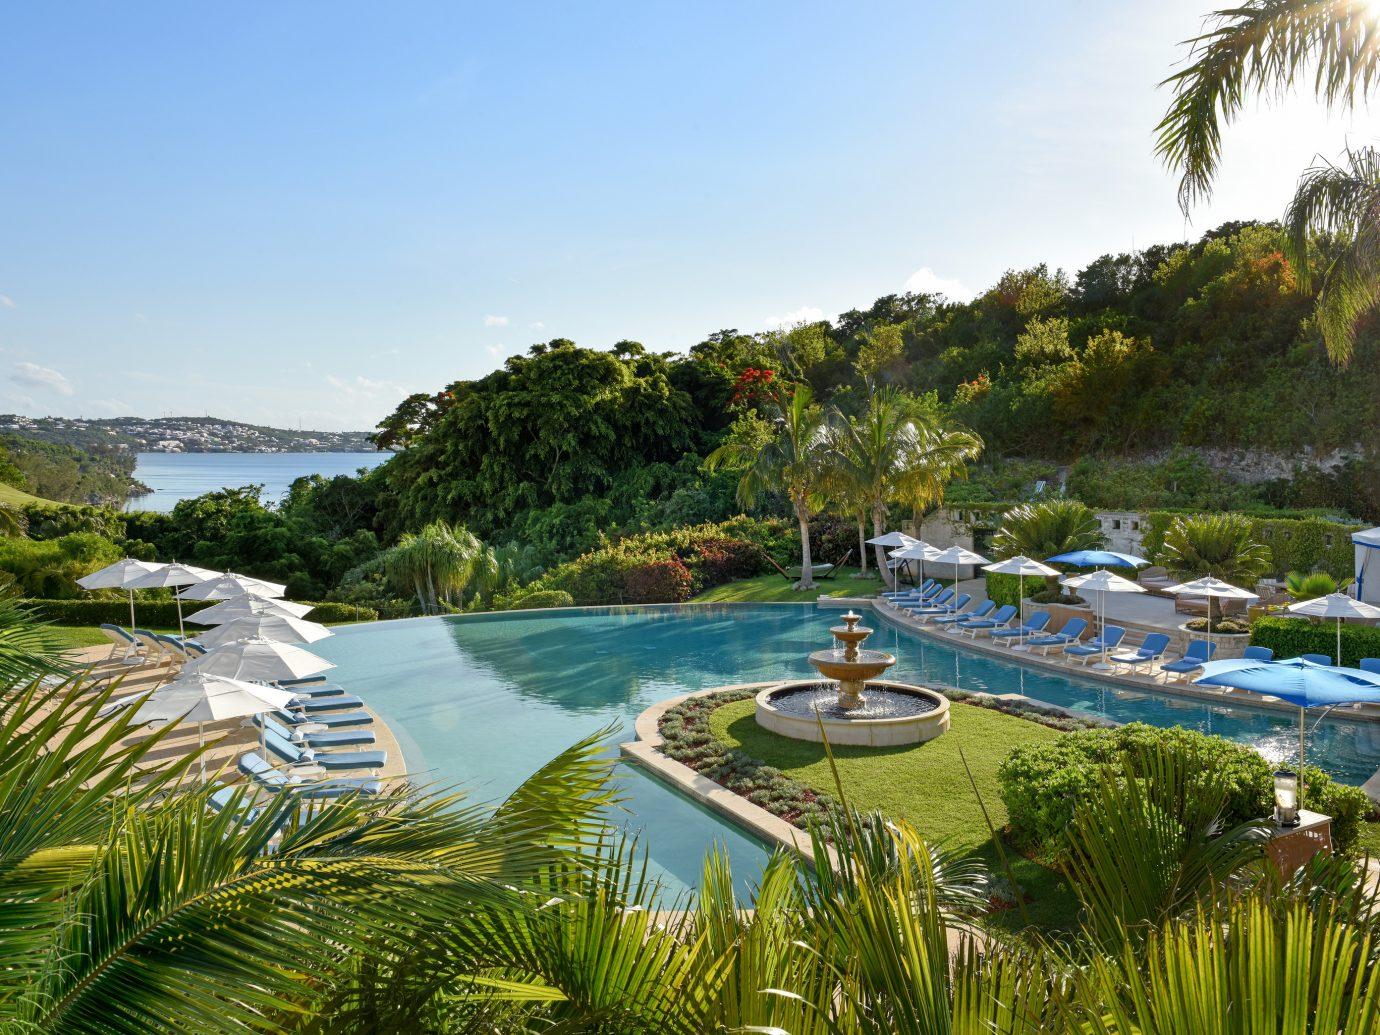 Pool and ocean view at Rosewood Bermuda